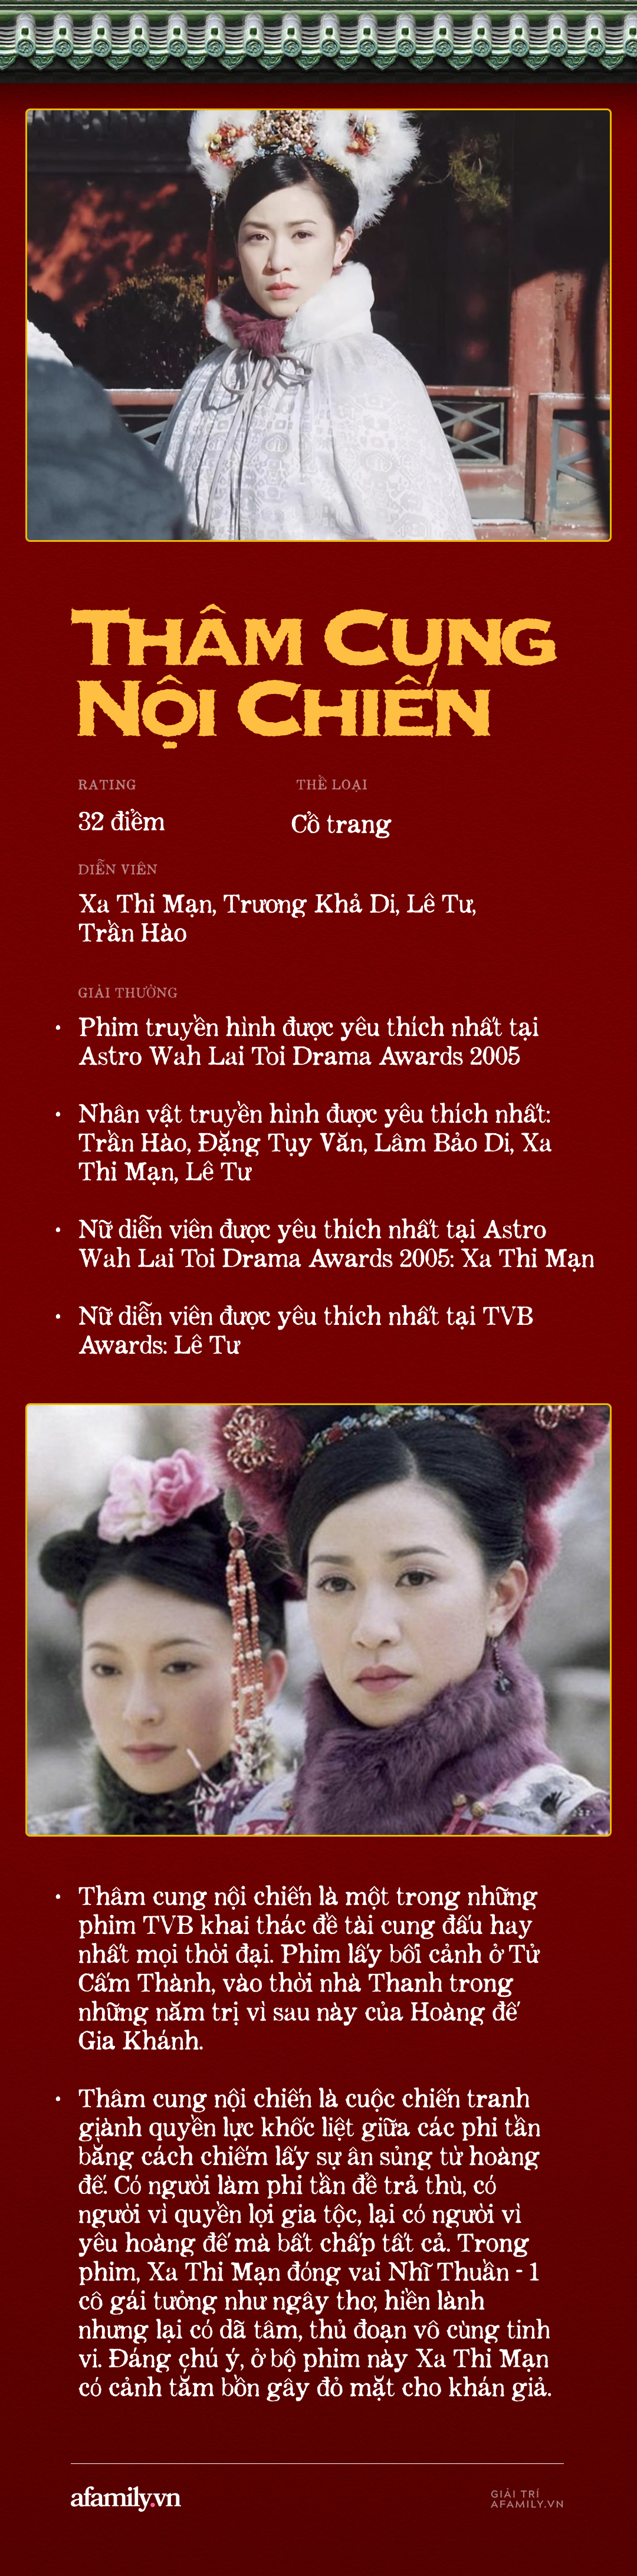 Xa Thi Mạn: Nữ hoàng cung đấu TVB, sốc nhất là màn khoe da thịt ở phim đạt rating kỷ lục, có cả phim đạt 13 tỷ lượt xem - Ảnh 1.